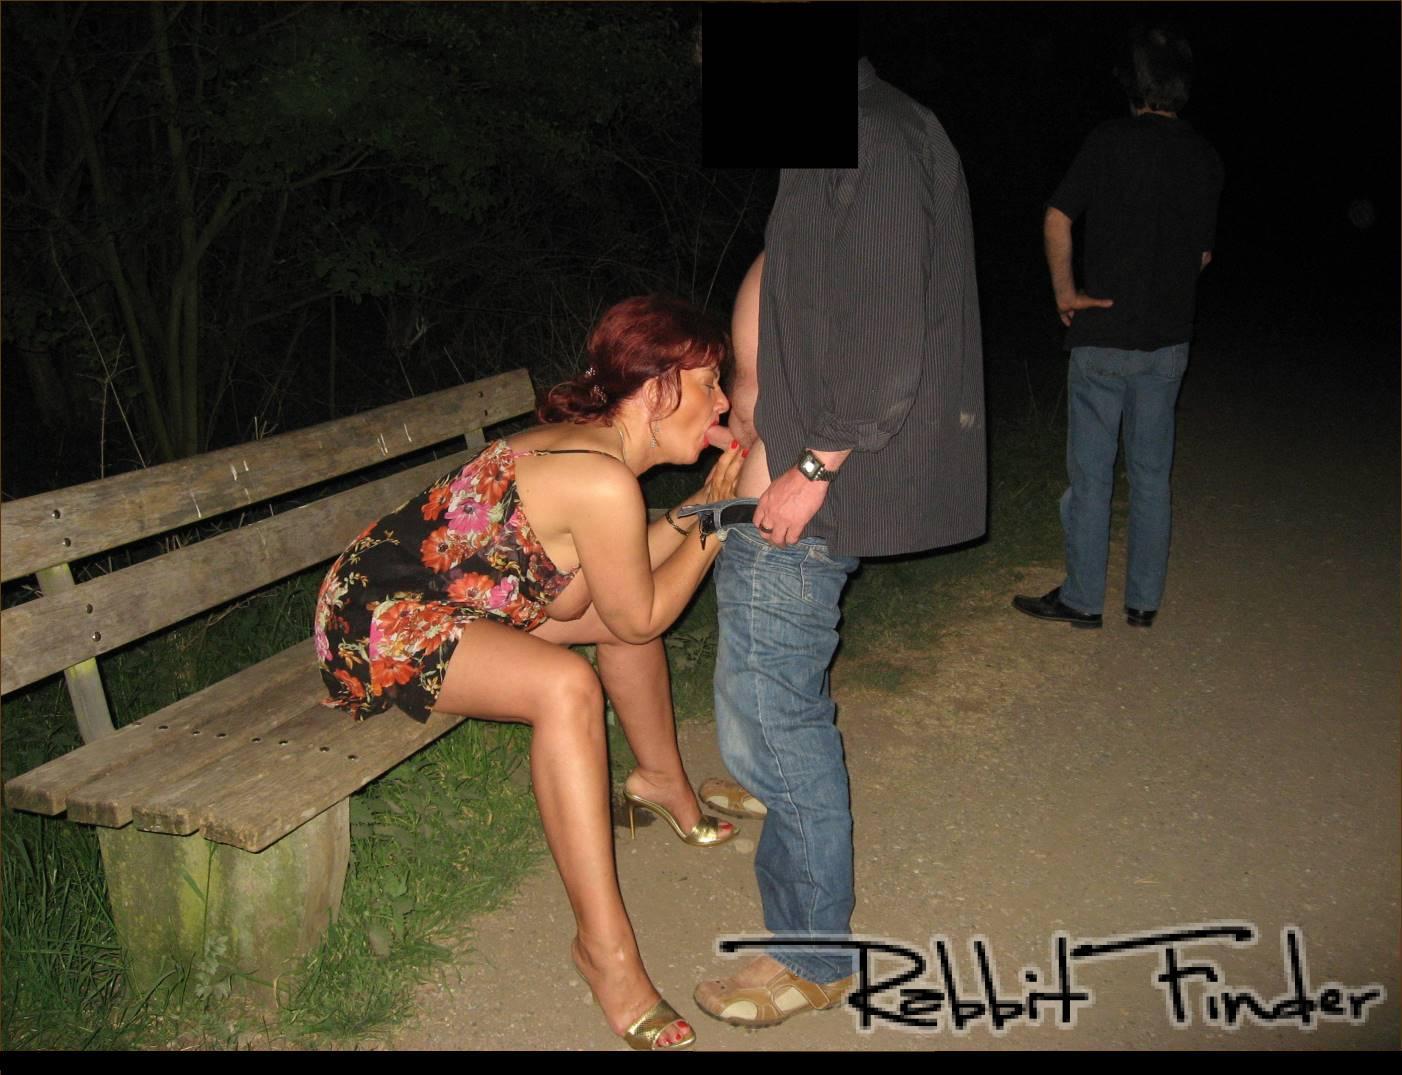 sexe sur autoroute photos sexe